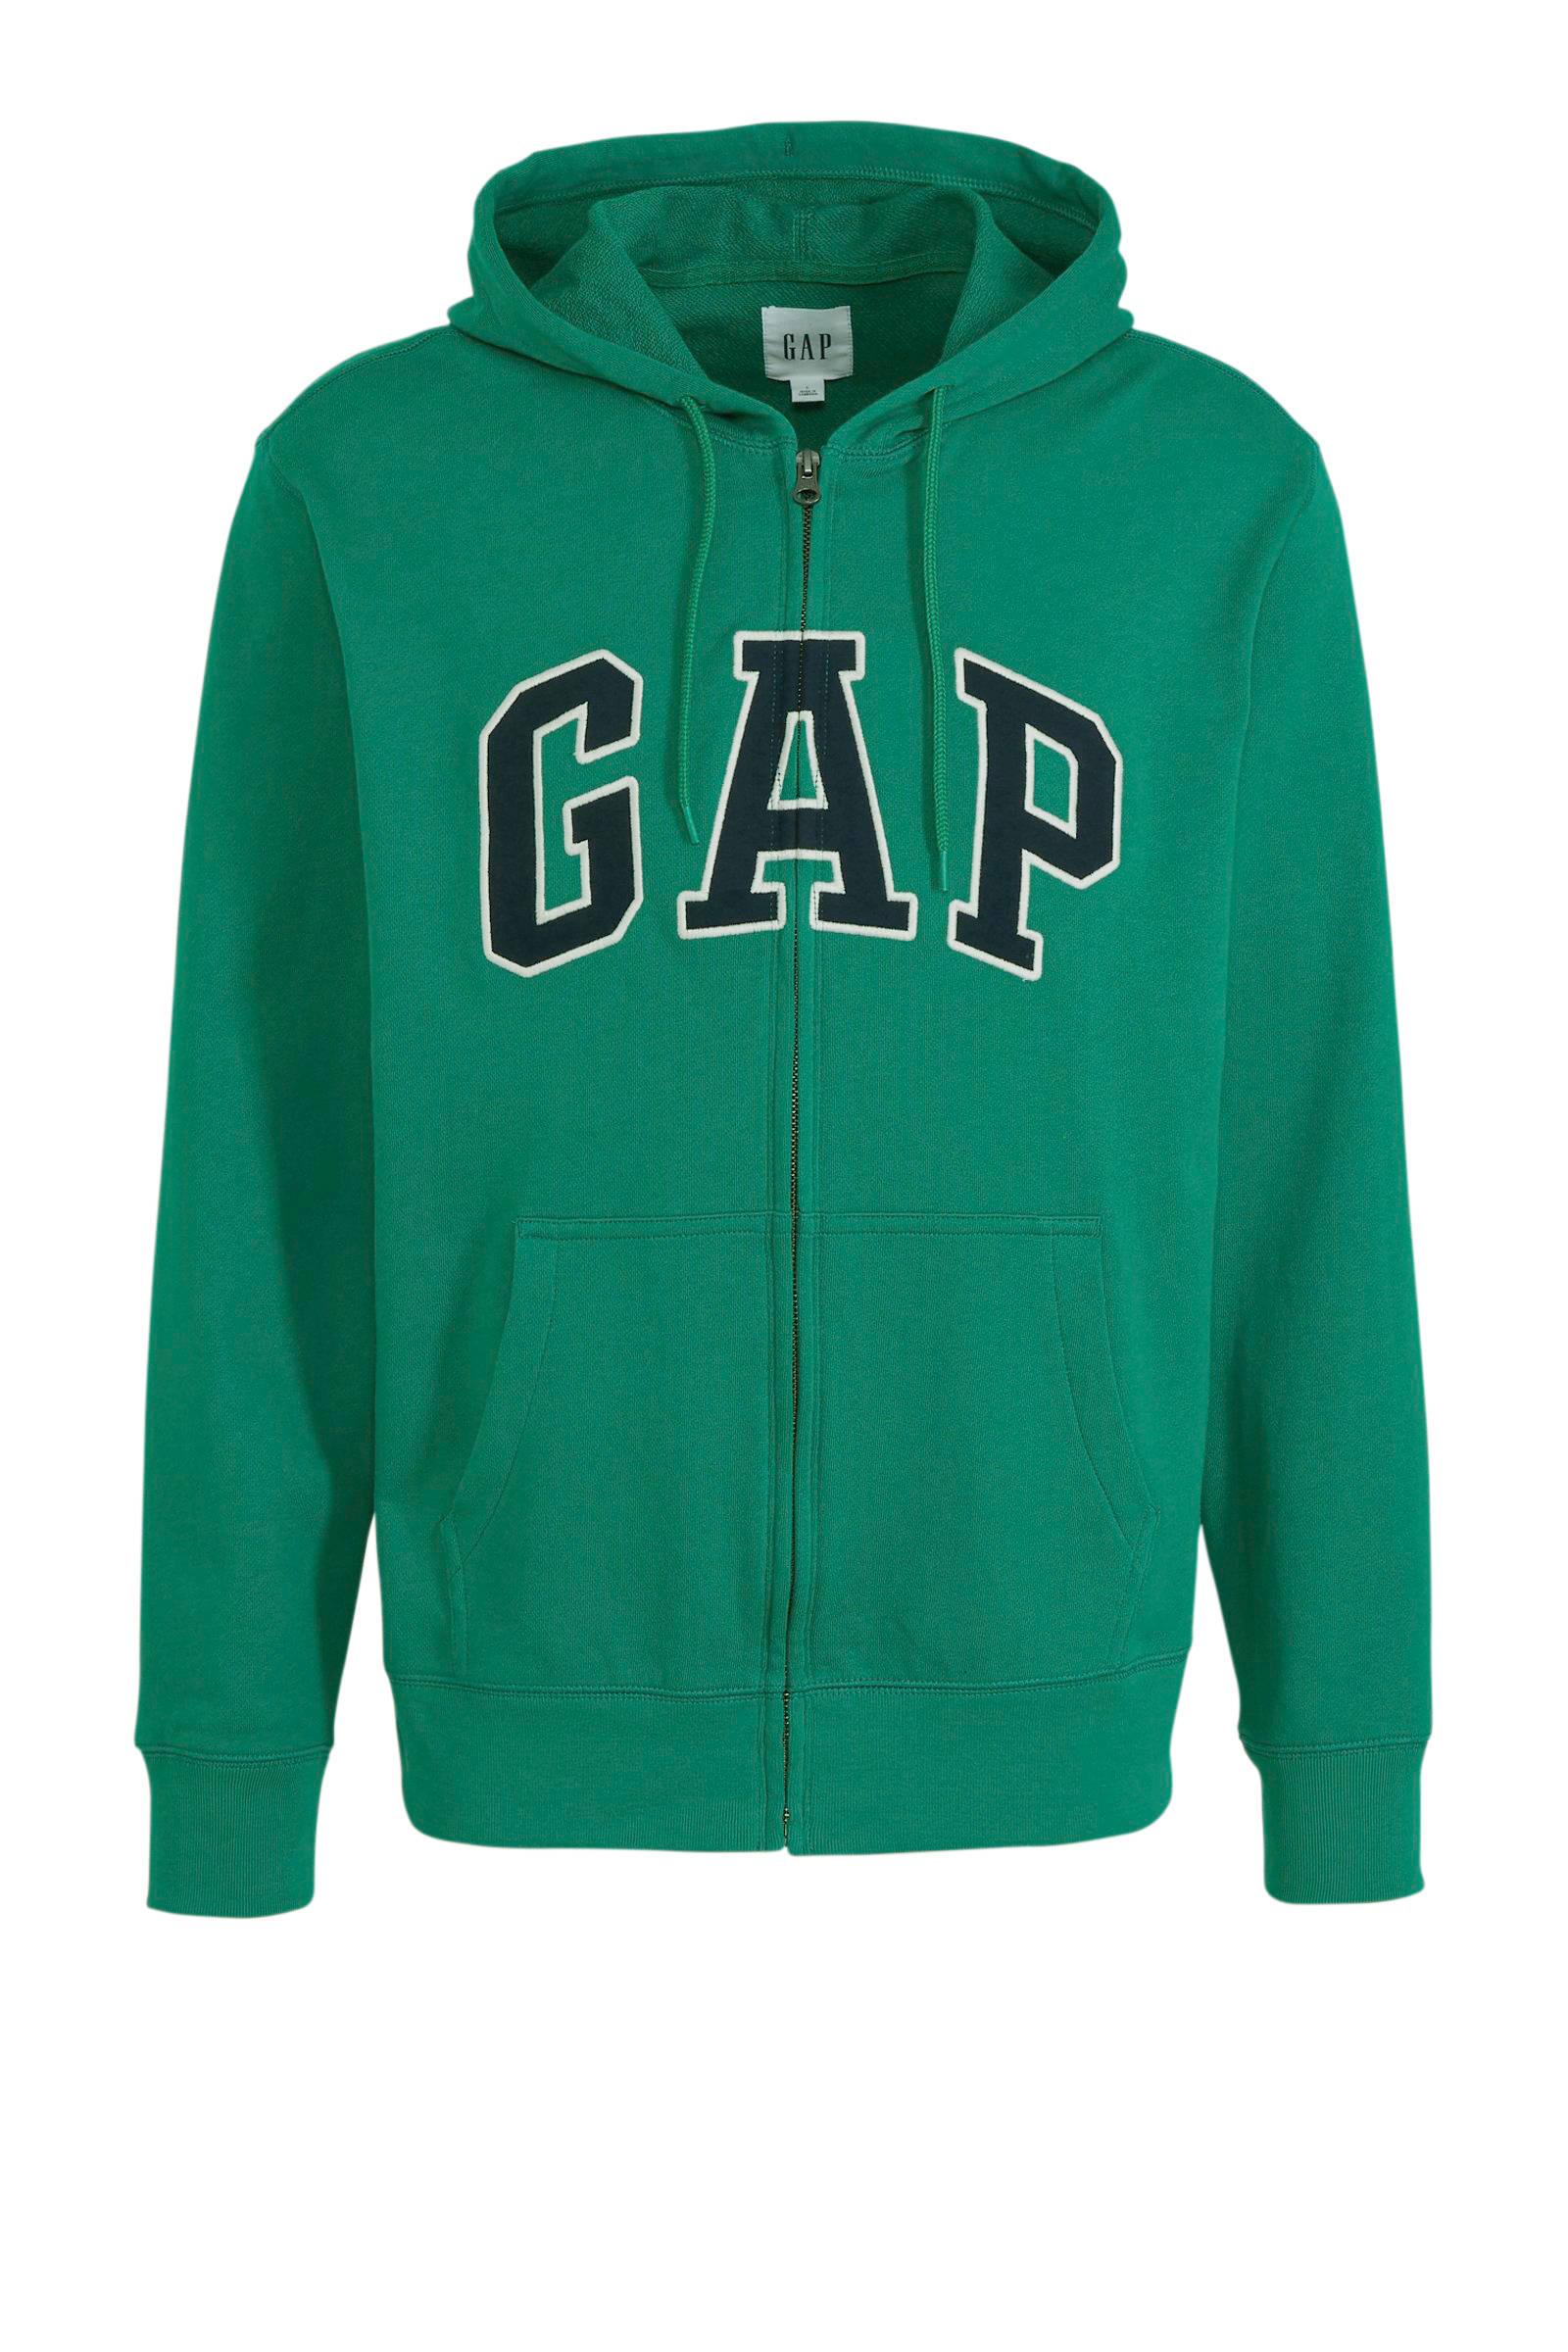 GAP hoodie met printopdruk grijs | wehkamp